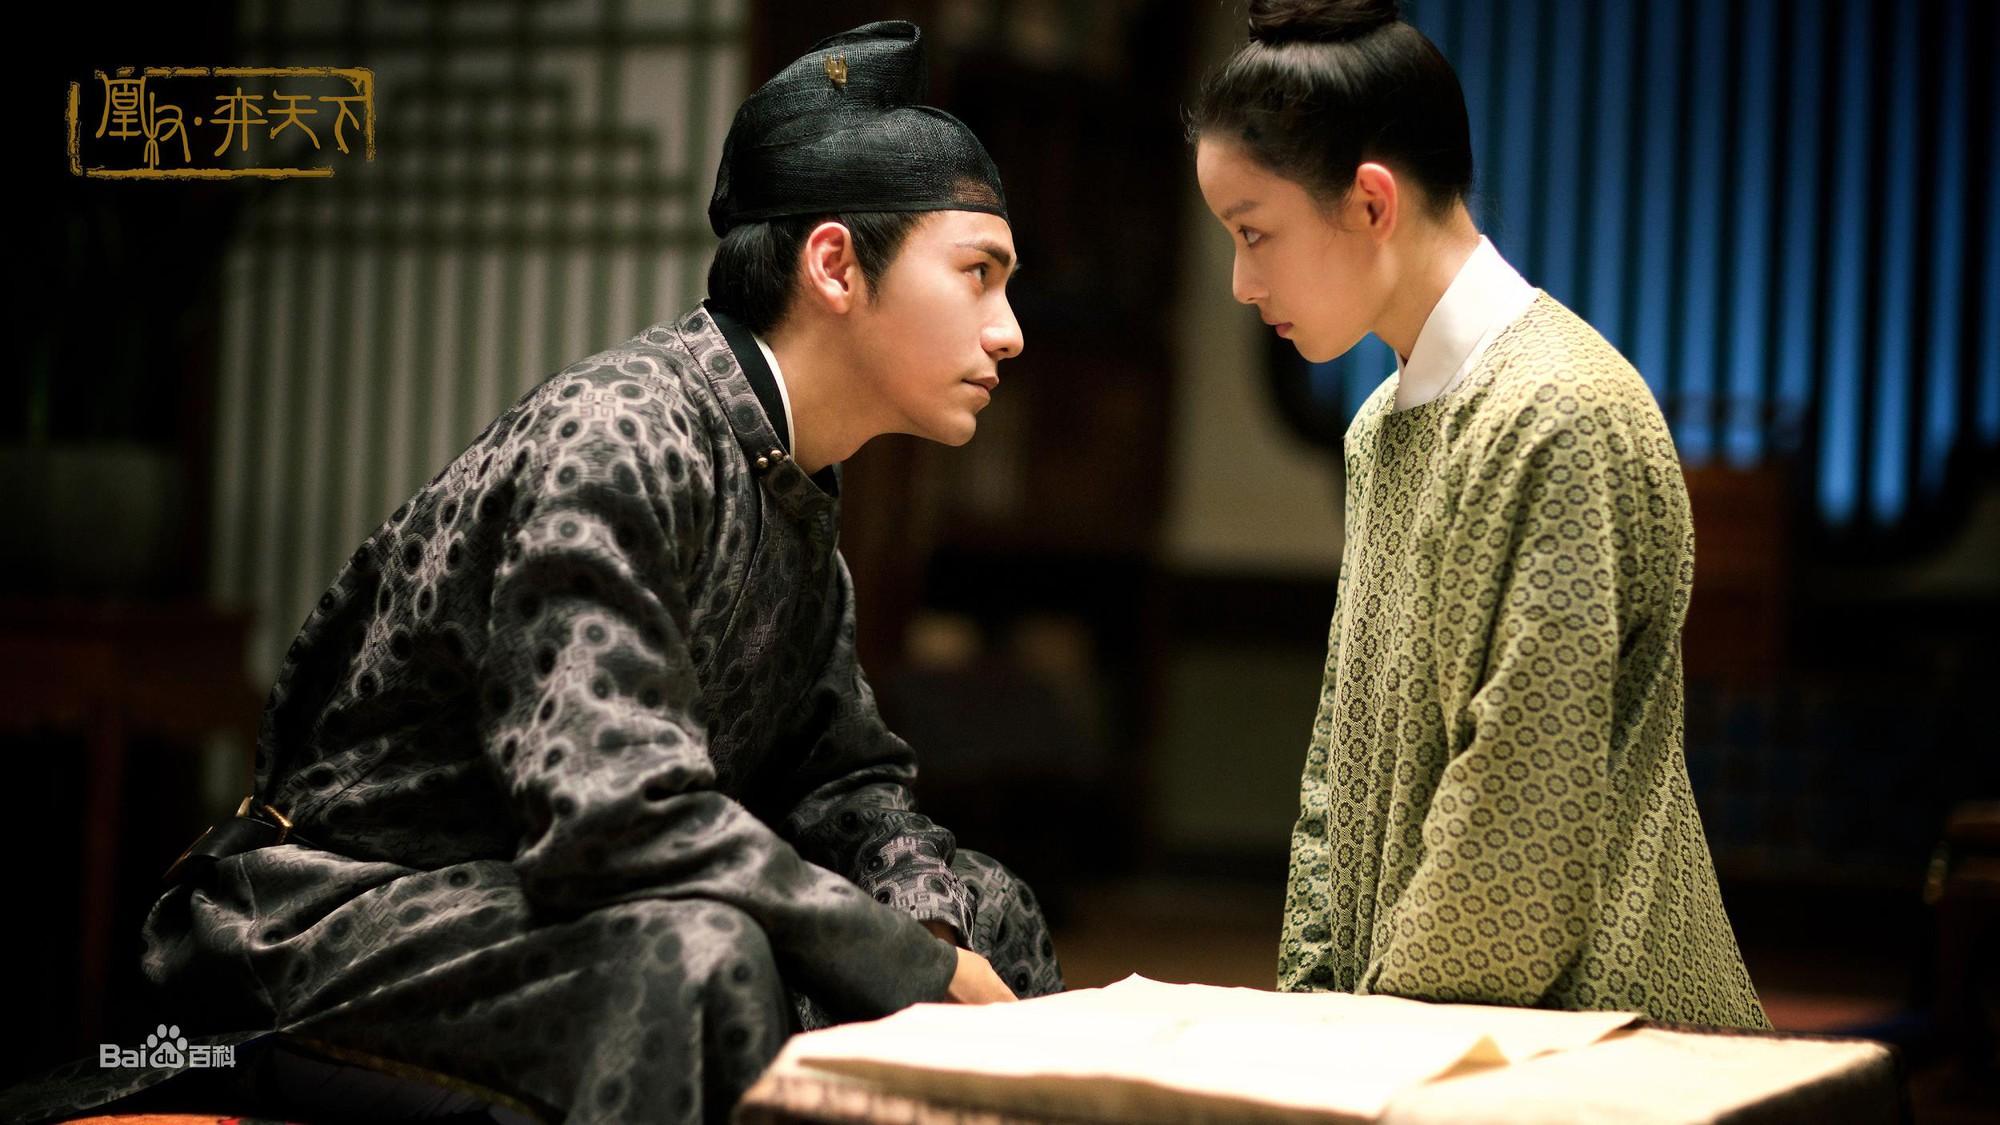 Đổi gió với 6 phim Hoa Ngữ từ thanh xuân vườn trường lãng mạn đến cung đấu căng cực trên Netflix - Ảnh 5.